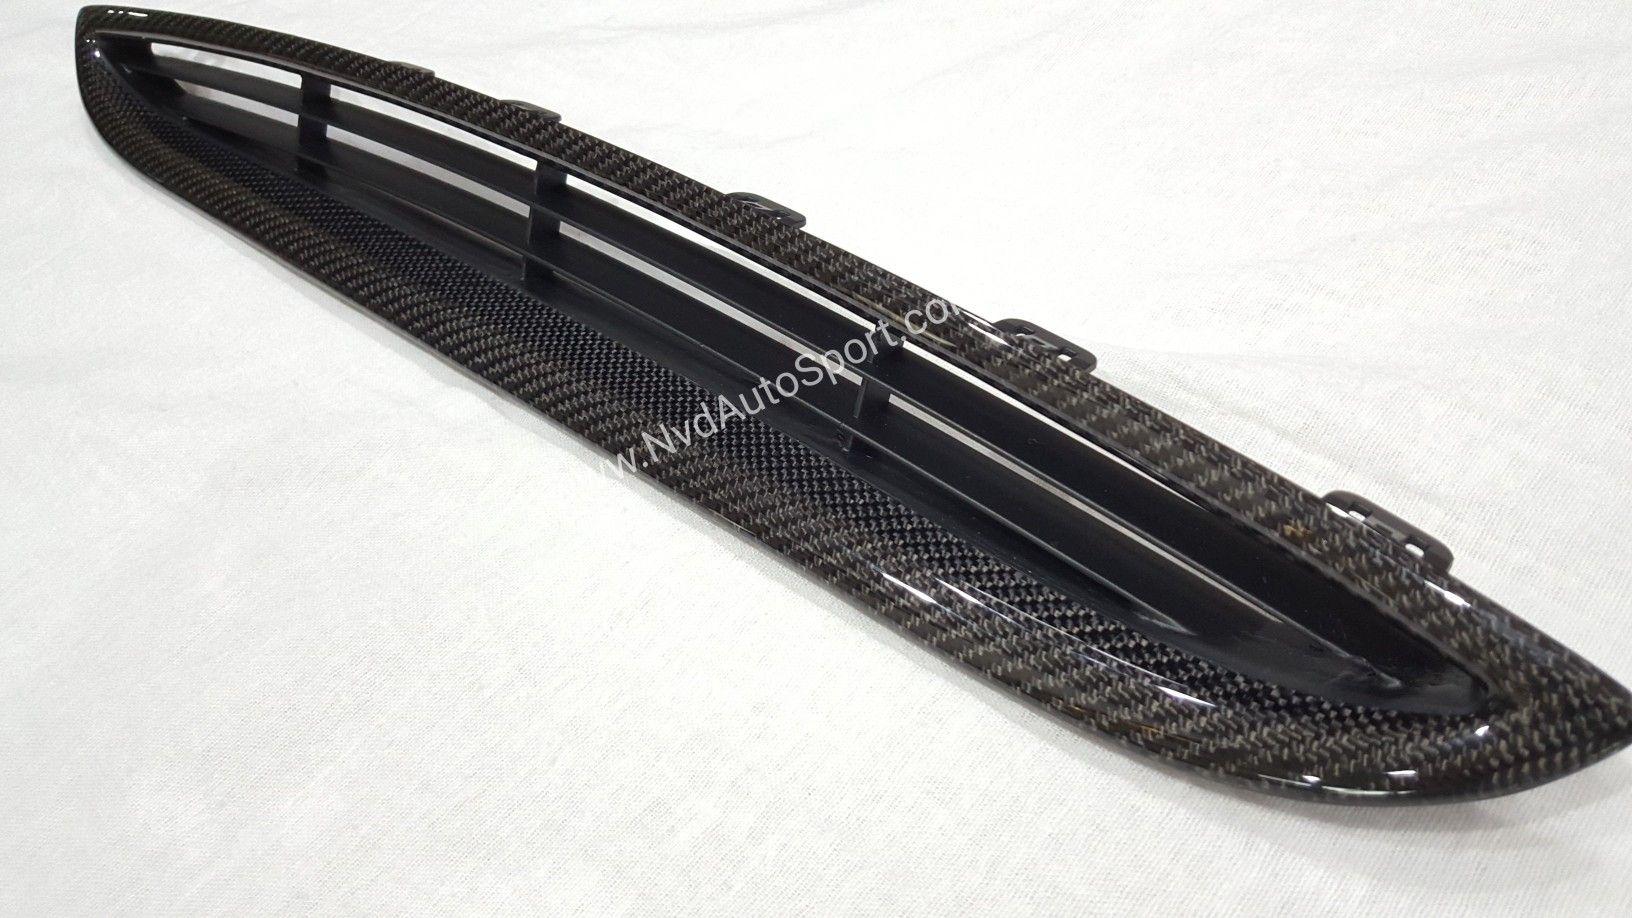 Bmw f82 m4 f83 m4 f80 m3 carbon fiber cs hood